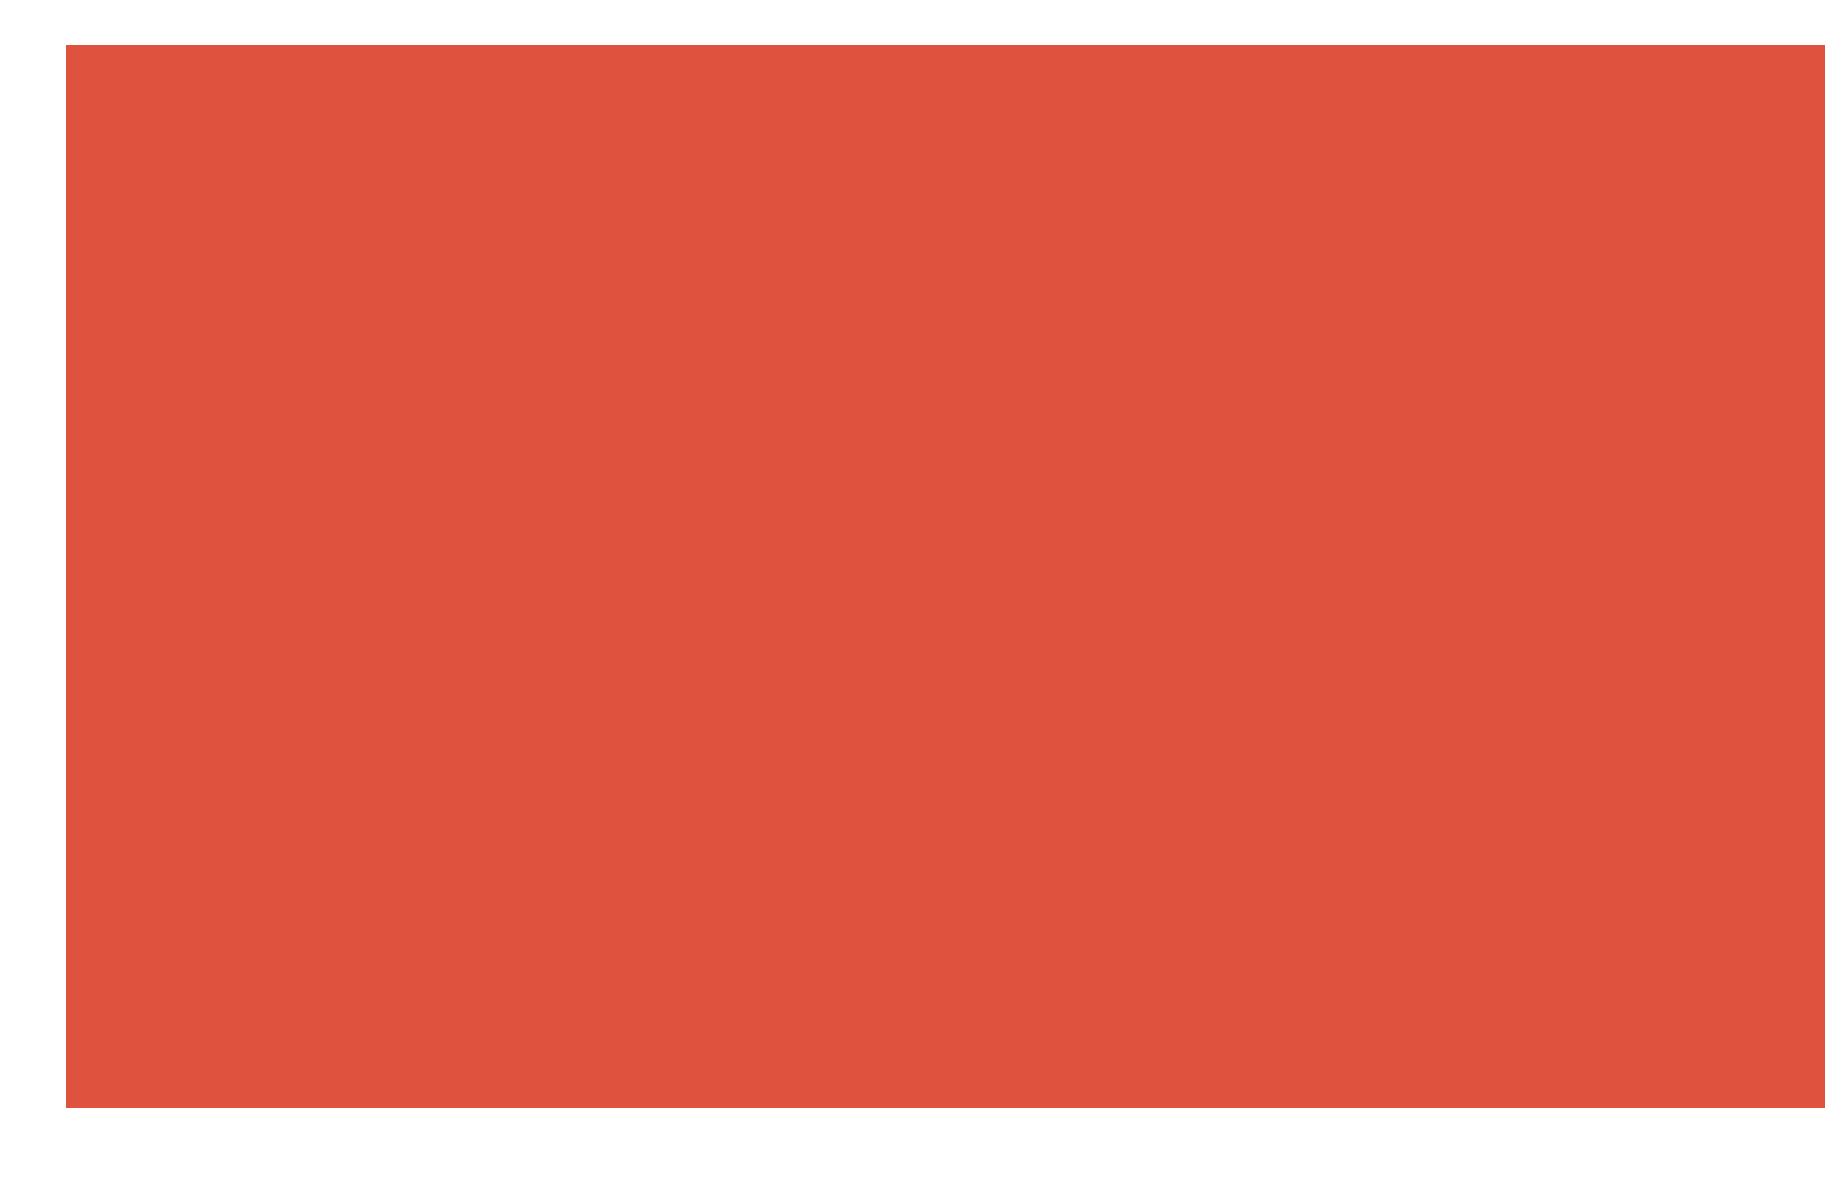 CC De Borre